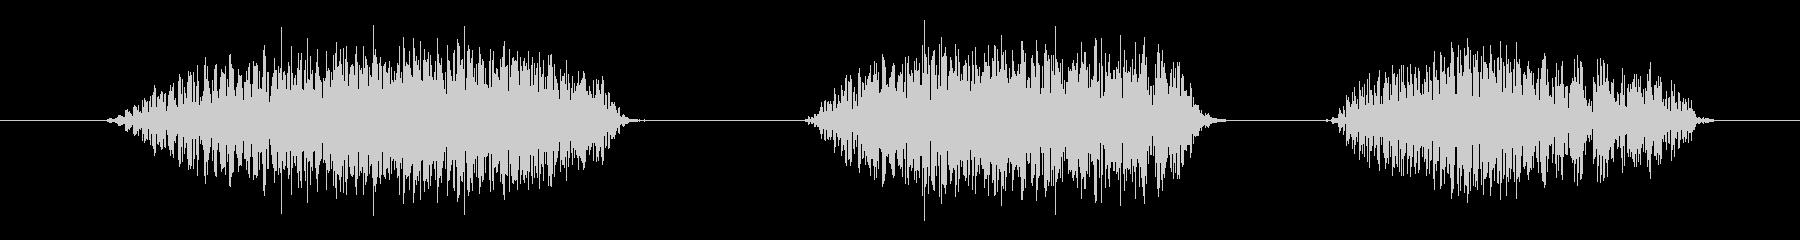 鳥 バードレイヴン01の未再生の波形